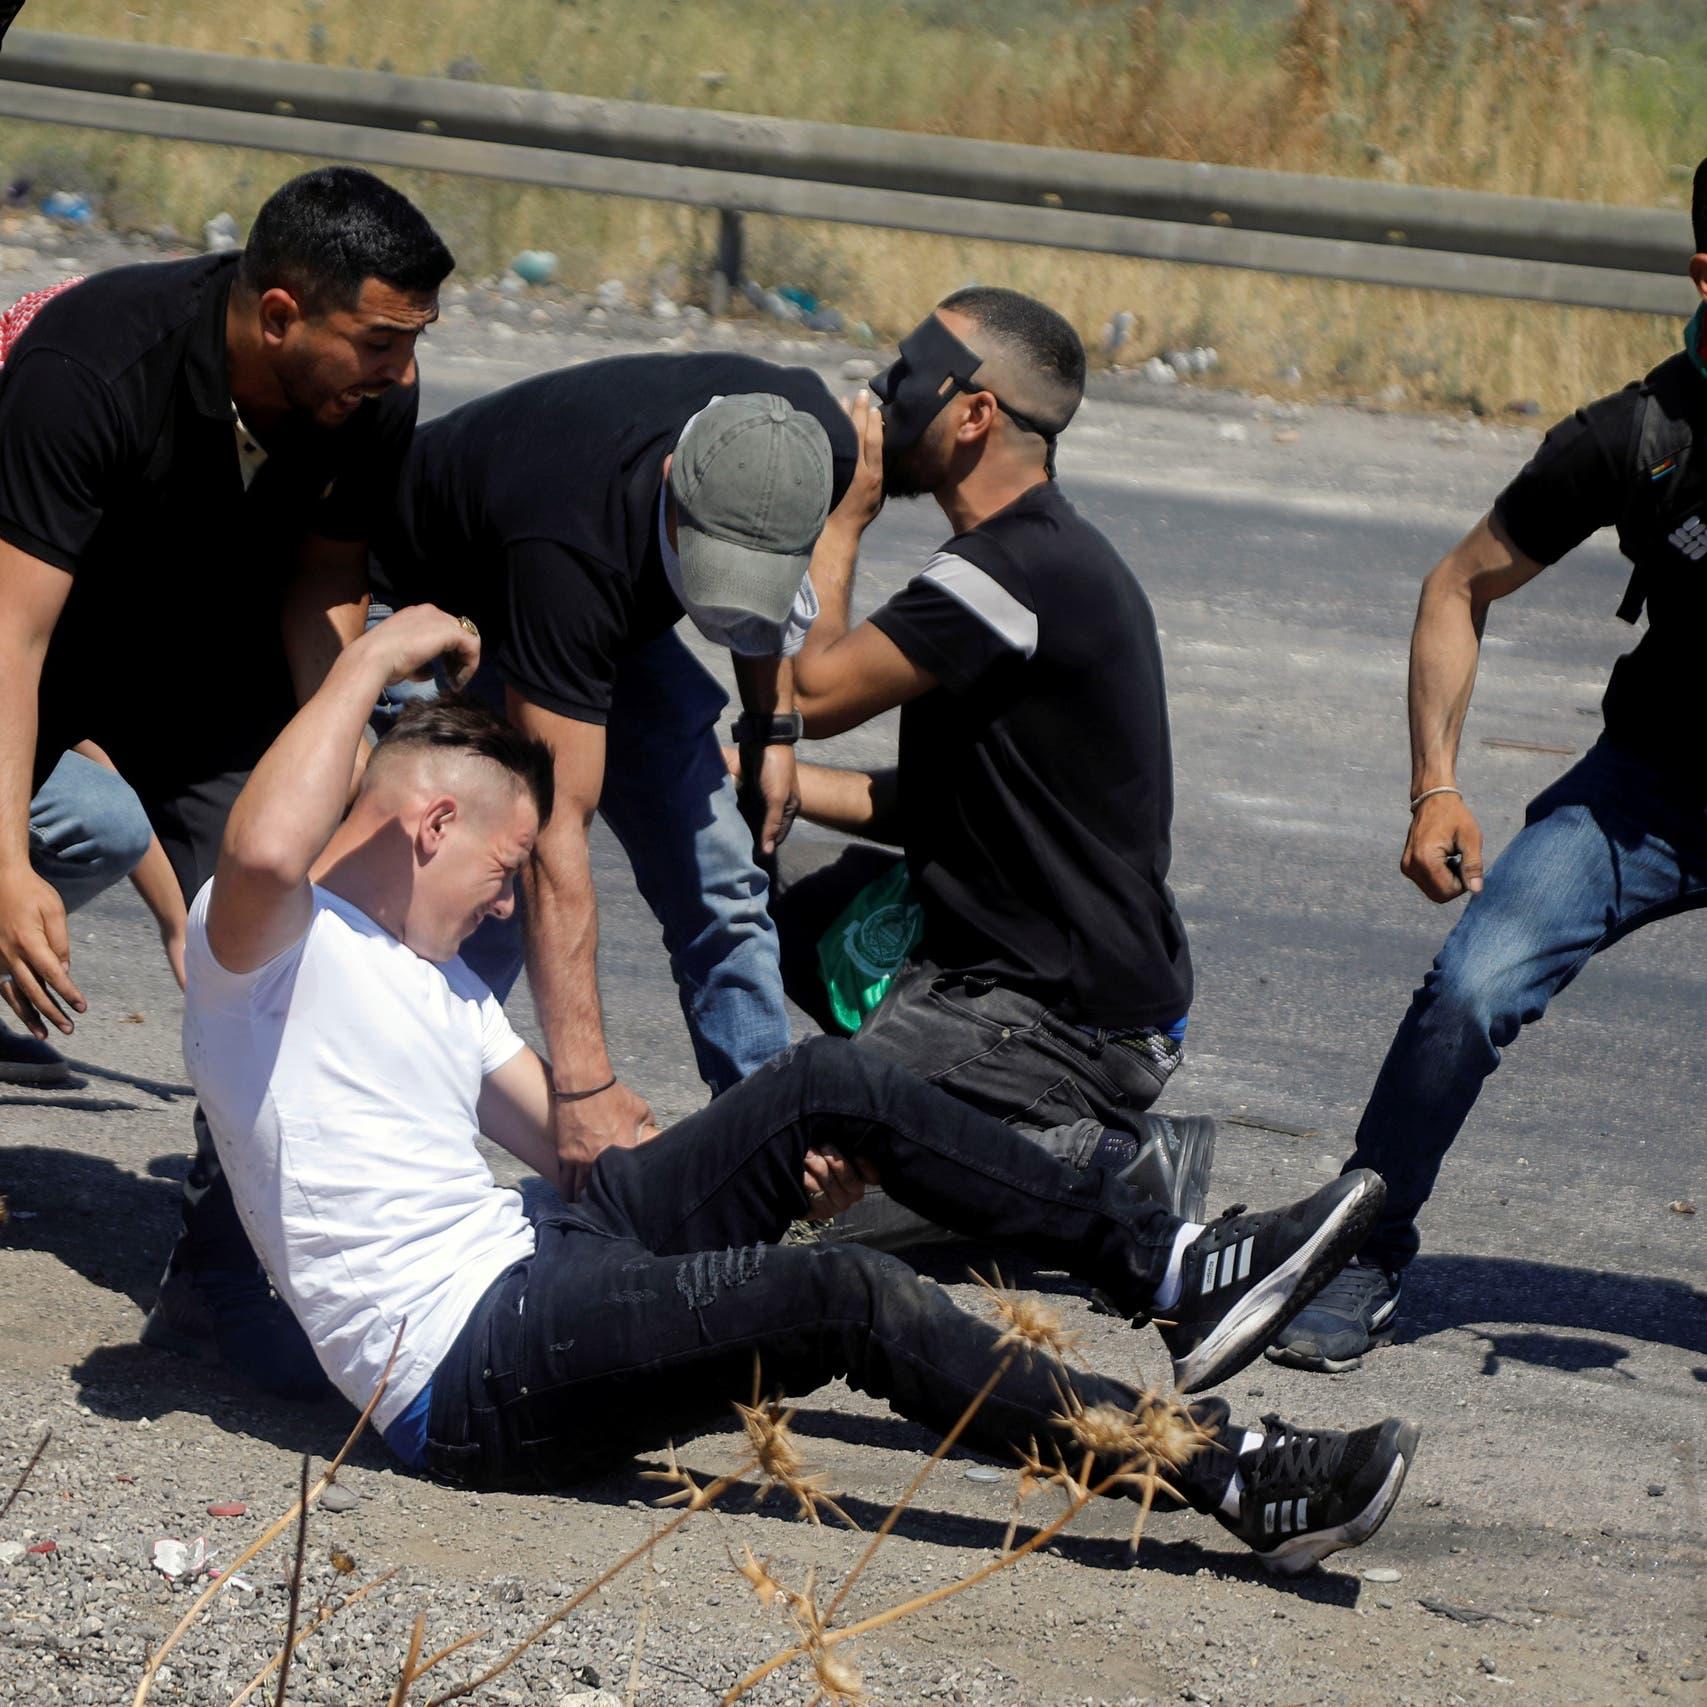 رصاص حي بالضفة.. ومستوطنون يهاجمون منازل في نابلس